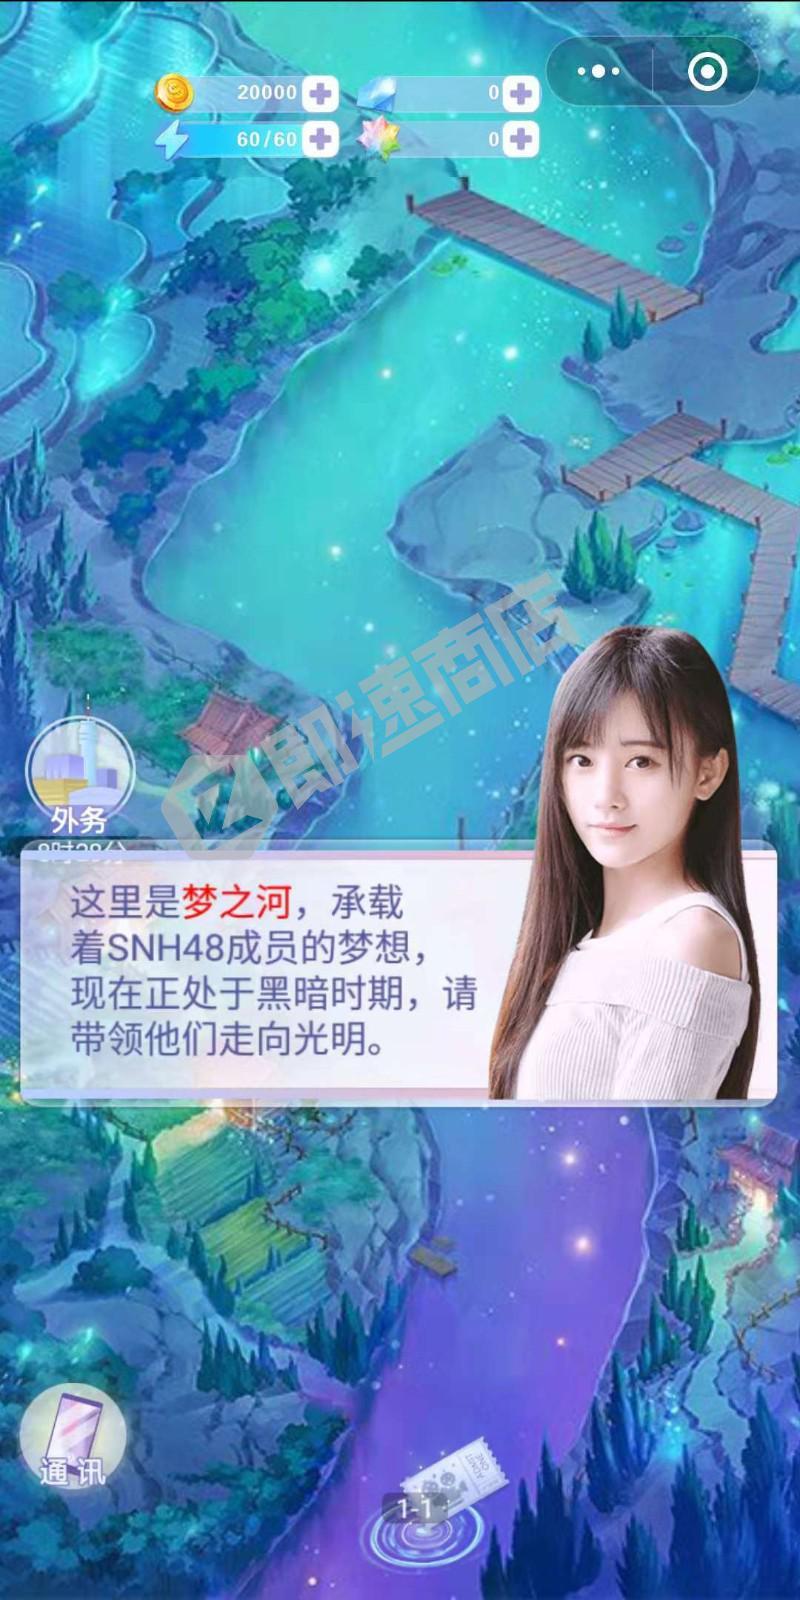 恋爱48天小程序详情页截图